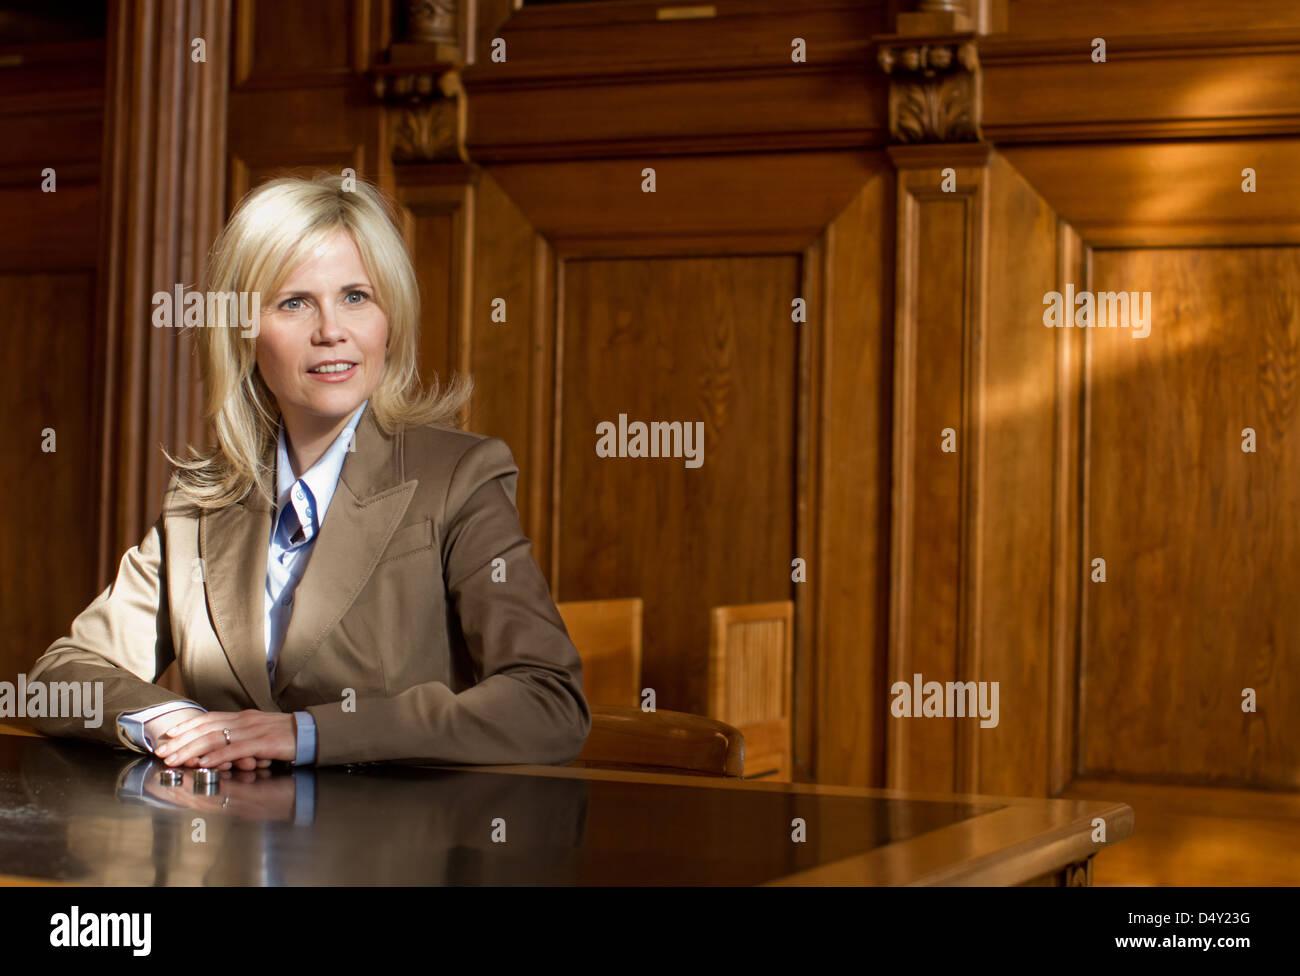 Michaela Schaffrath filming guest appearance as registrar on the set of ARD TV series 'Verbotene Liebe'. Bergisch Stock Photo